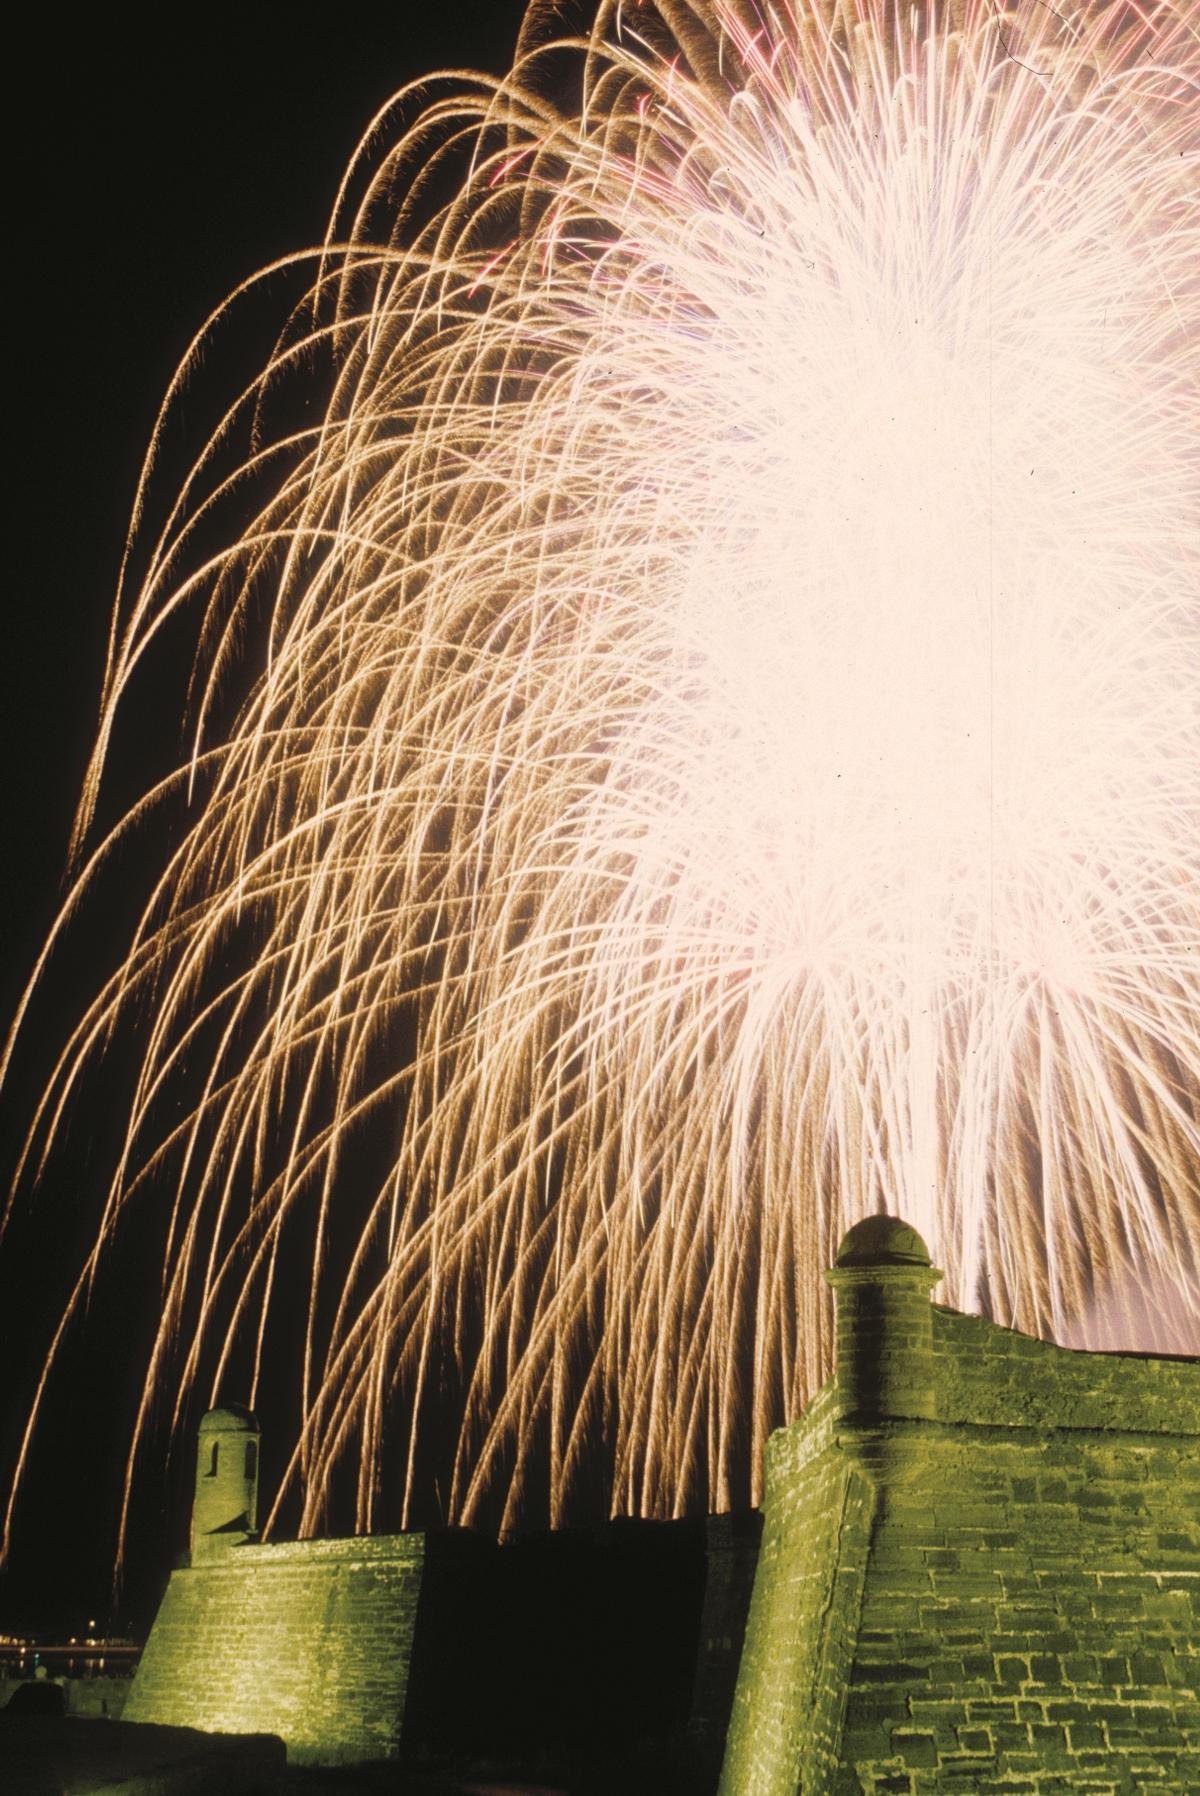 Fireworks over the Castillo de San Marcos, courtesy of FloridaHistoricCoast.com